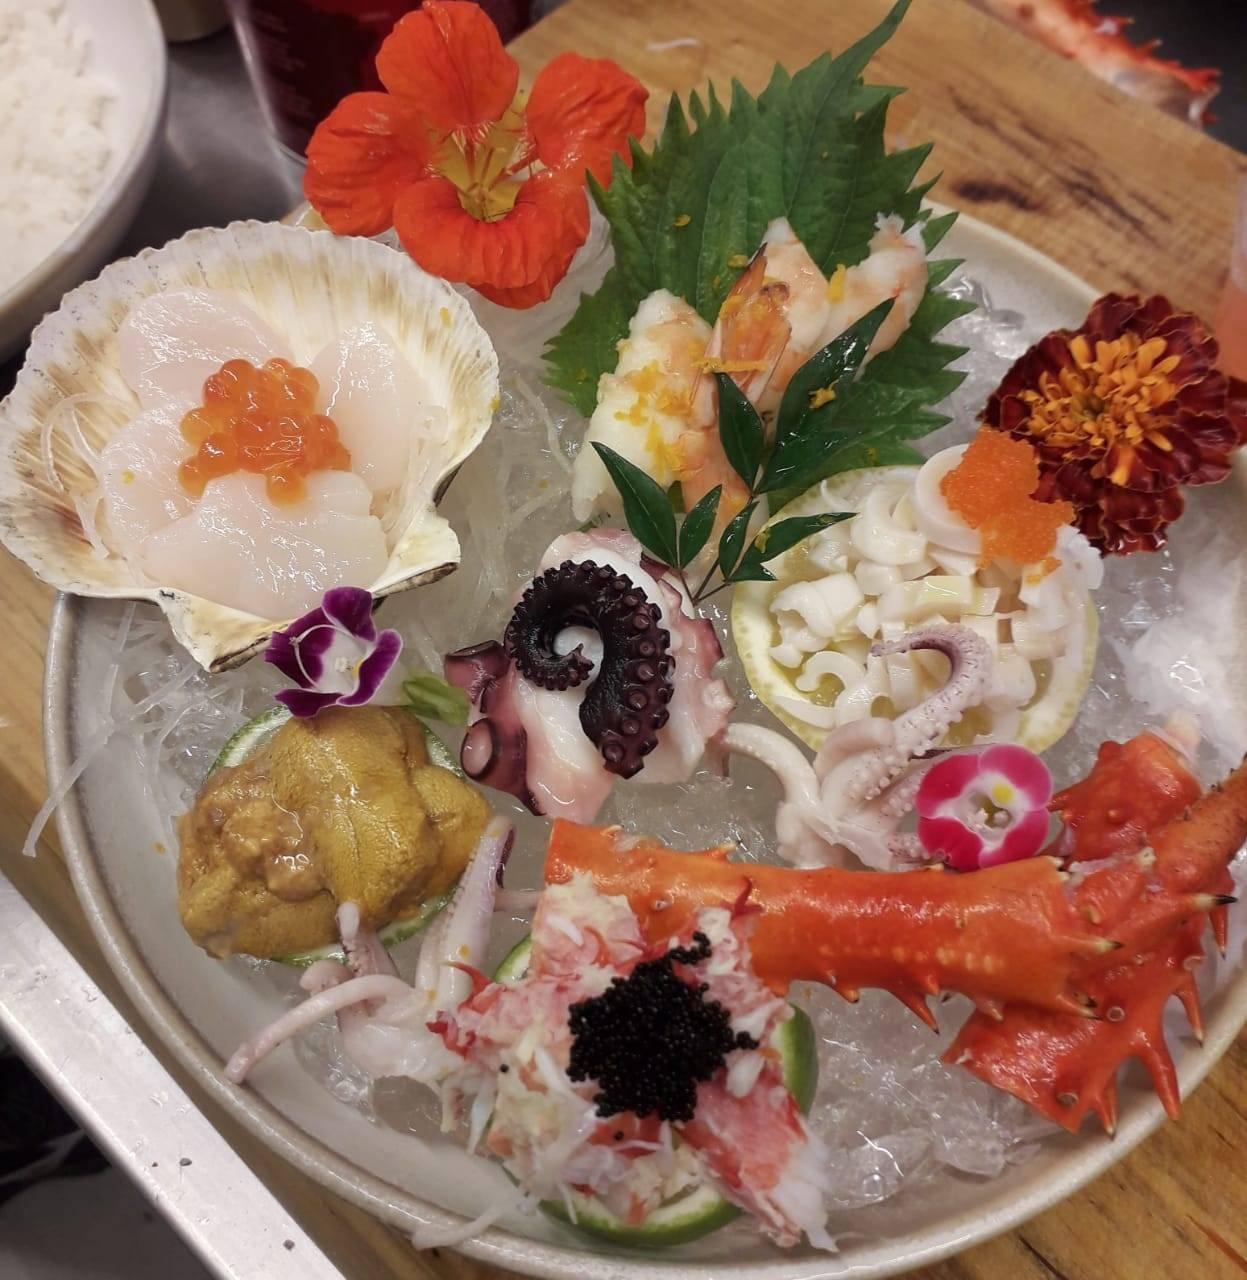 Seleção de sashimi especiais do Z.: centolla, atum, barriga de salmão, vieiras, ouriço, camarão, polvo e ikura.